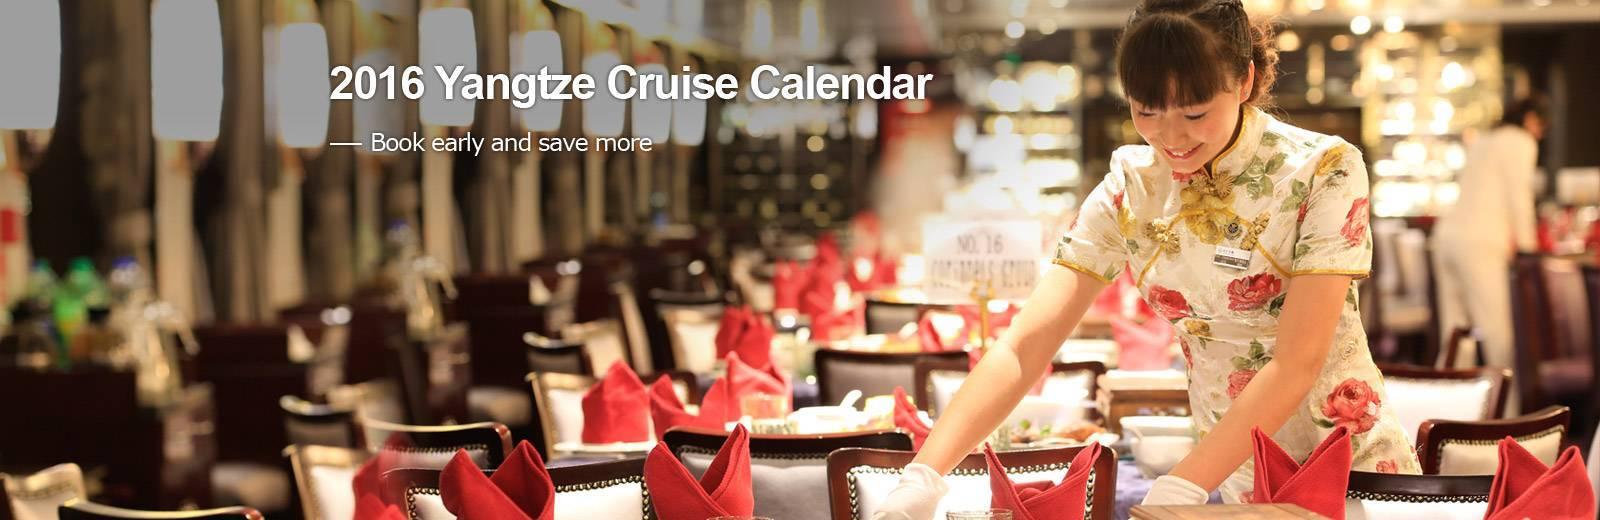 2016 Yangtze Cruise Calendar